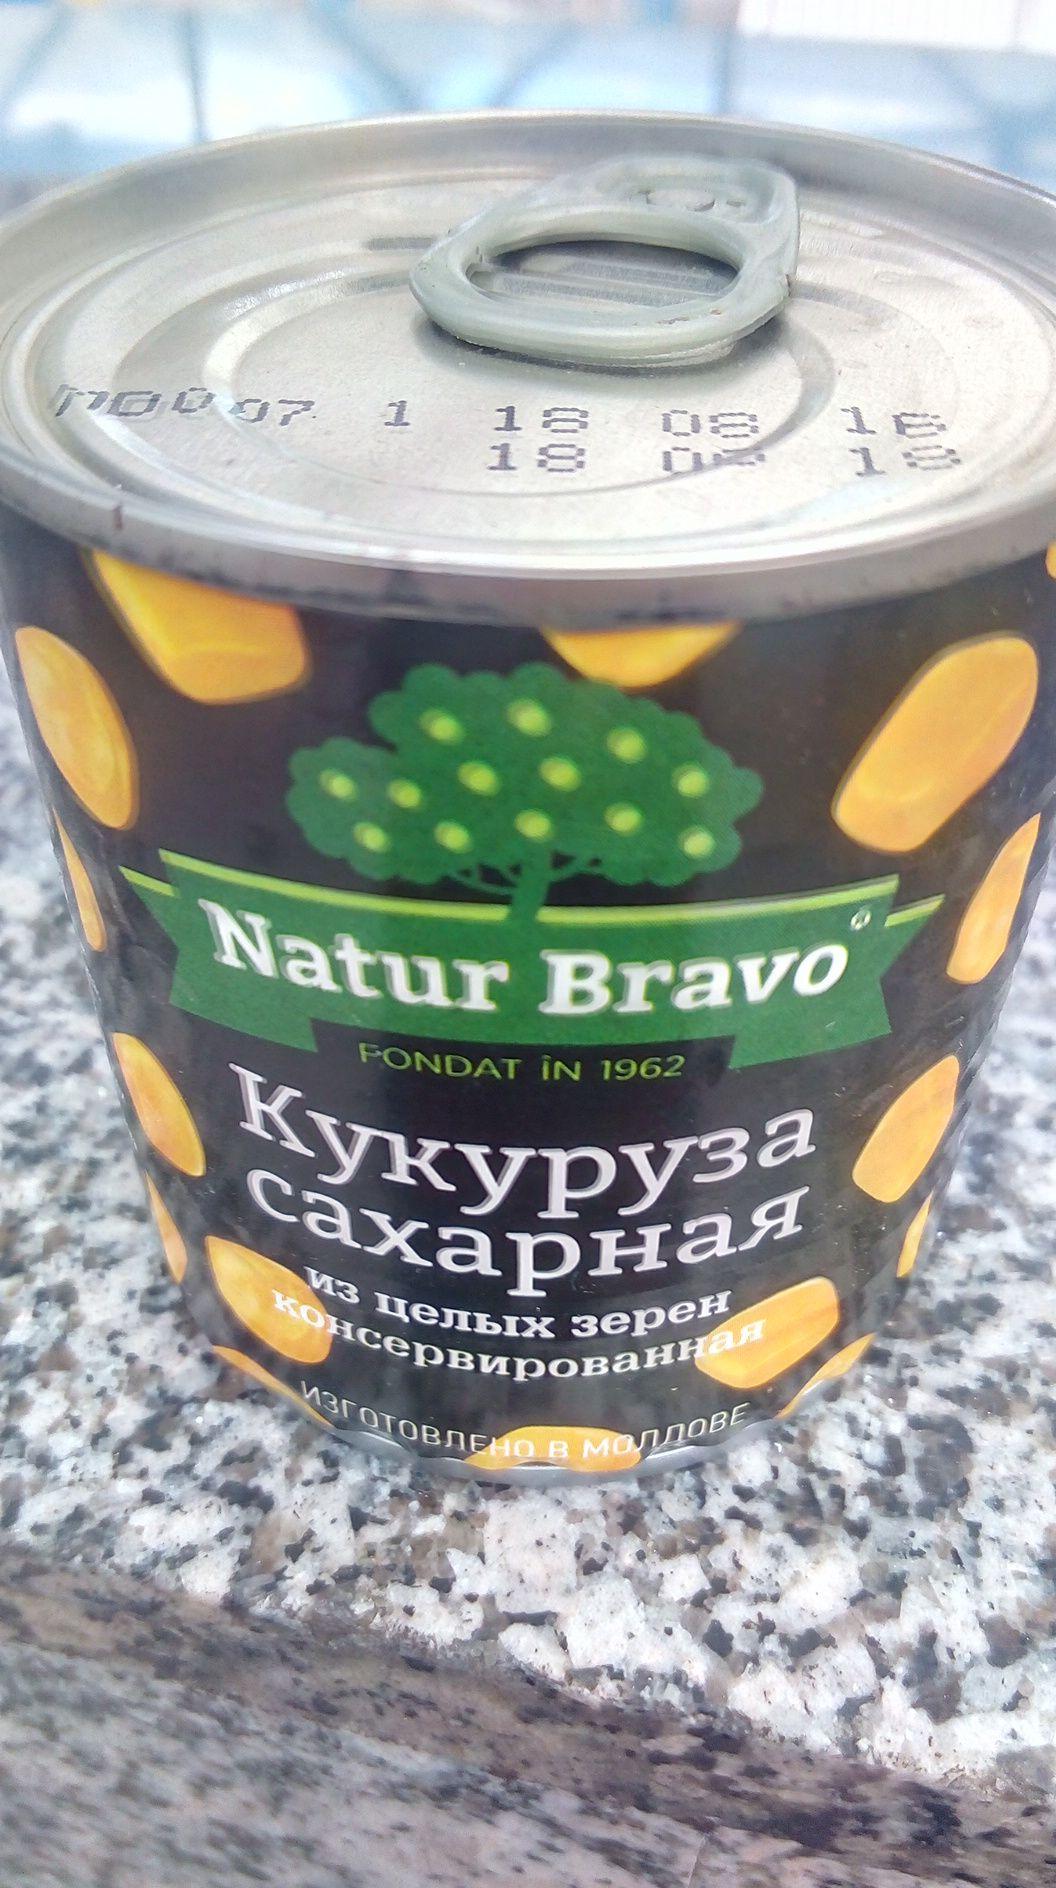 Кукуруза сахарная 0212 easy open quotNatur Bravo